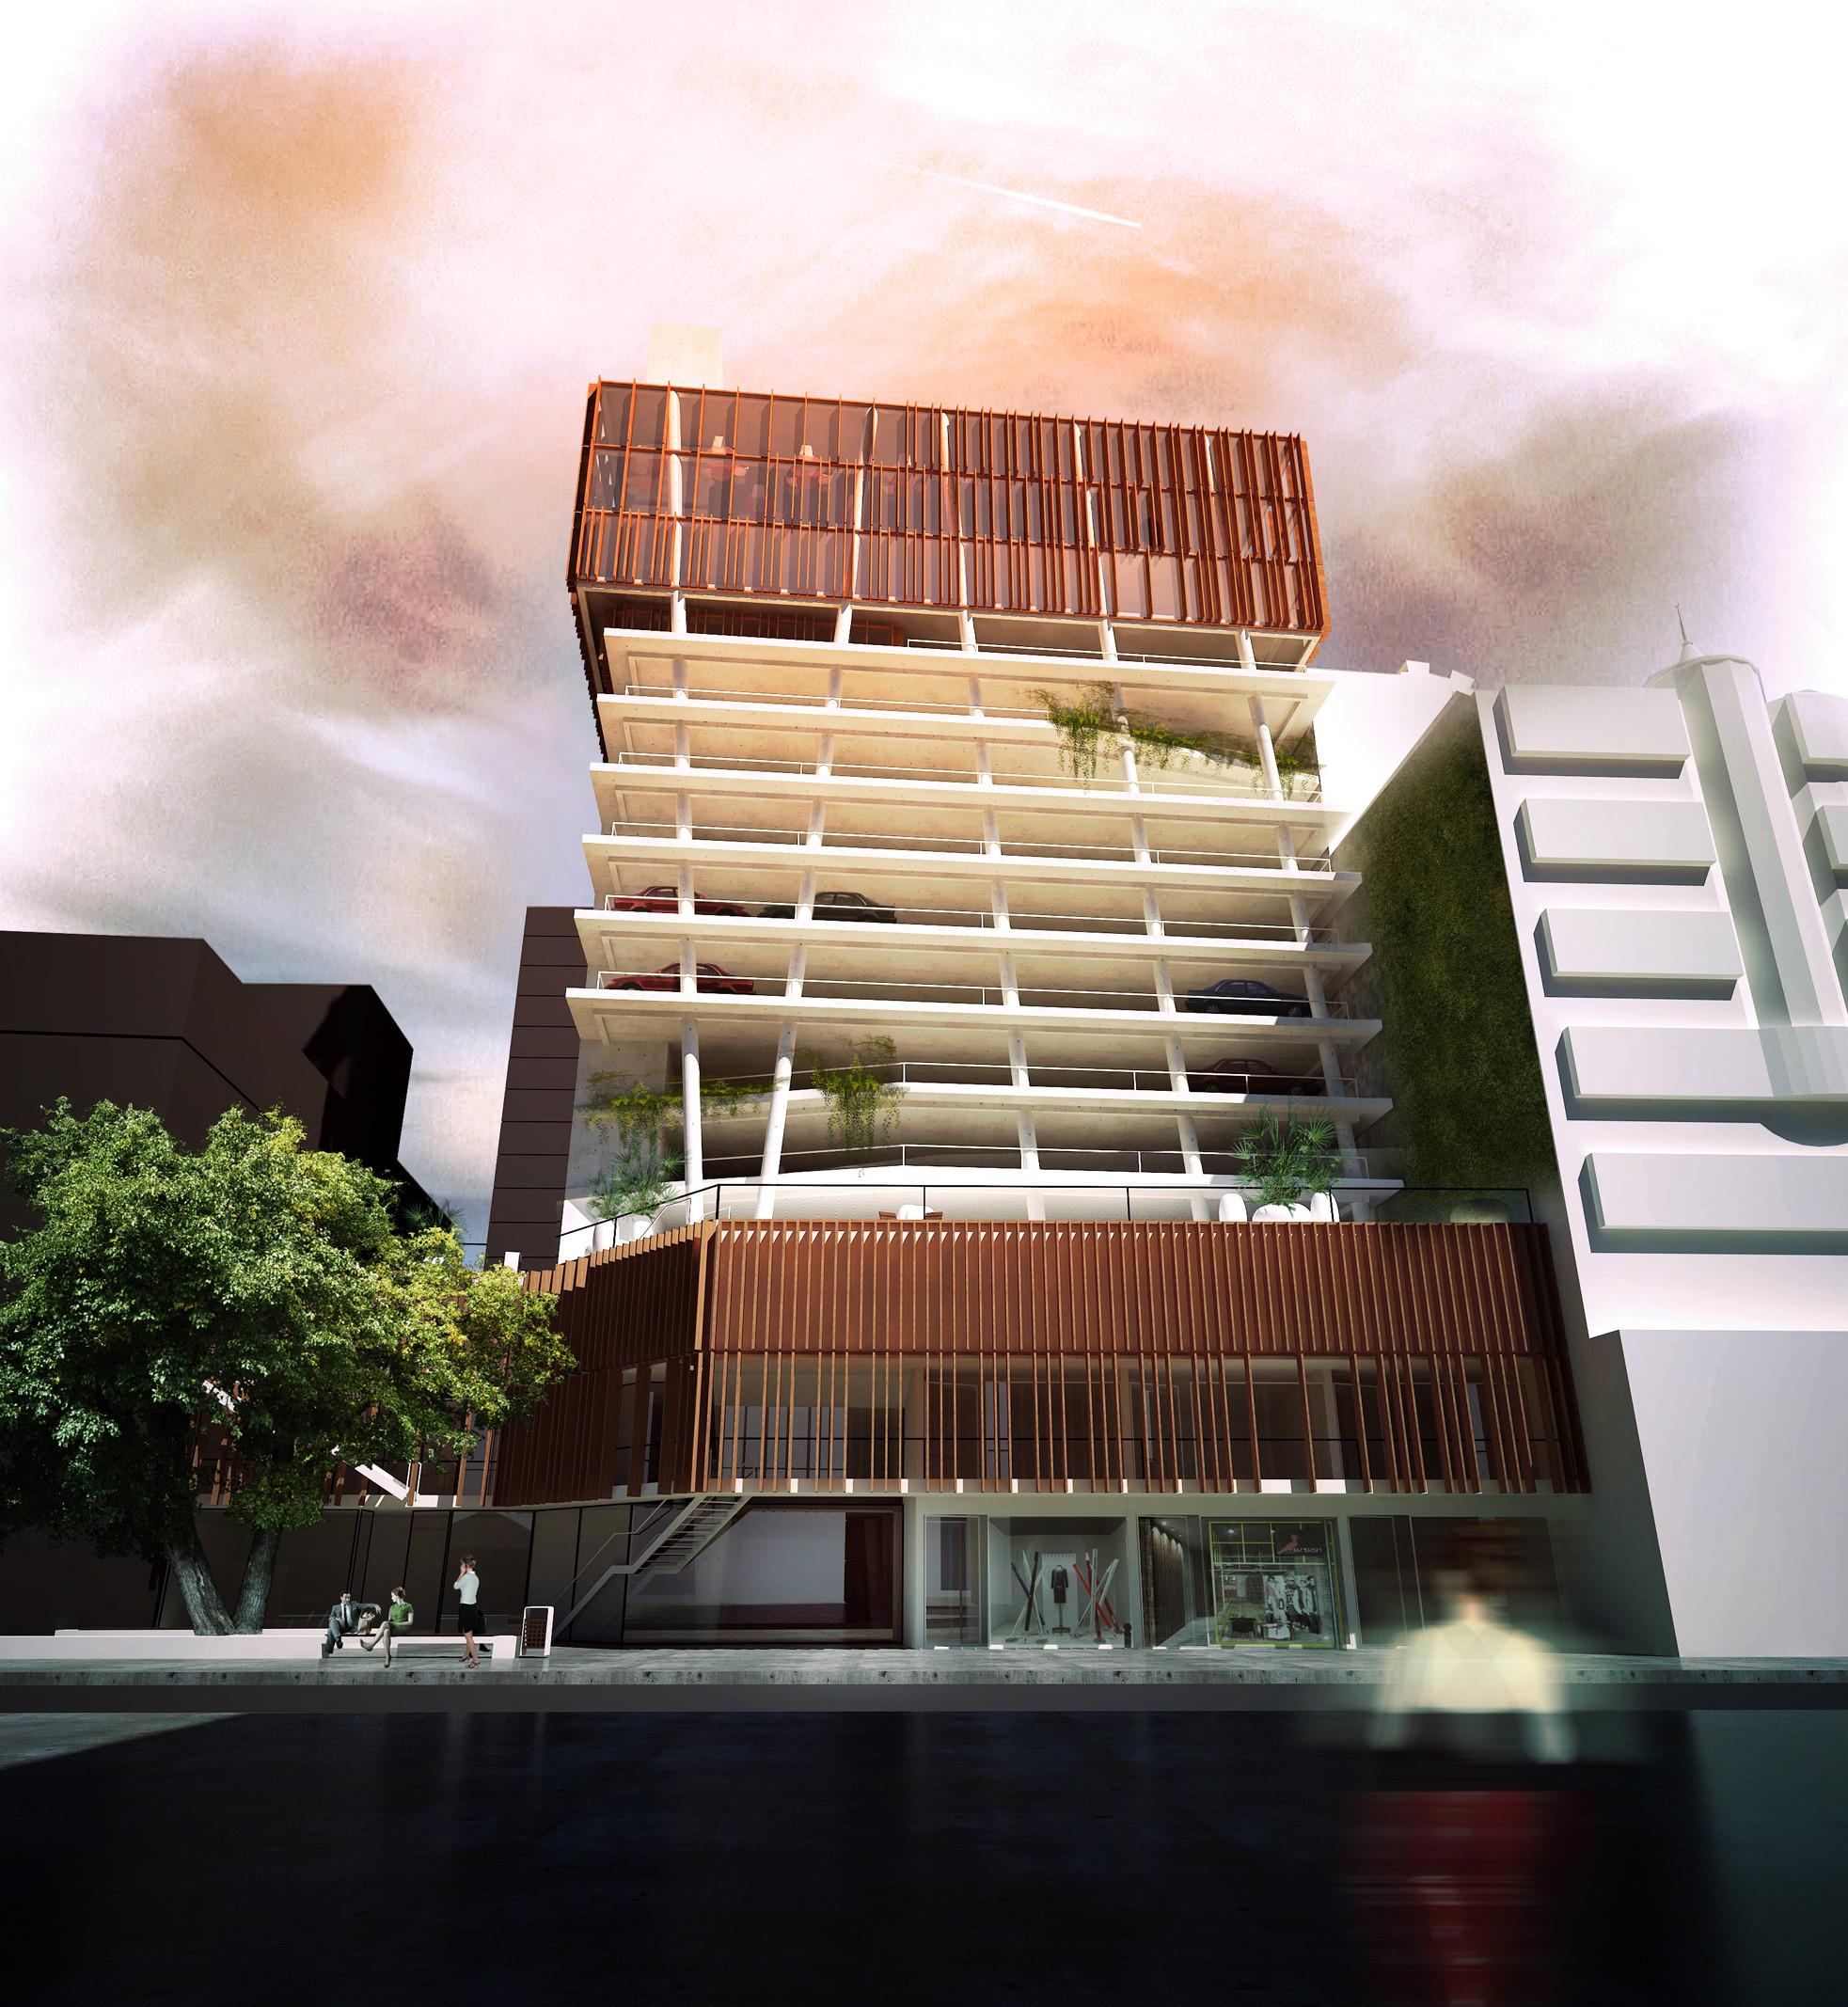 Proposta para a ampliação do SENGE-RS / ENTRE Arquitetos, PIGEON e Coletivo de Arquitetos, Courtesy of Equipe do projeto